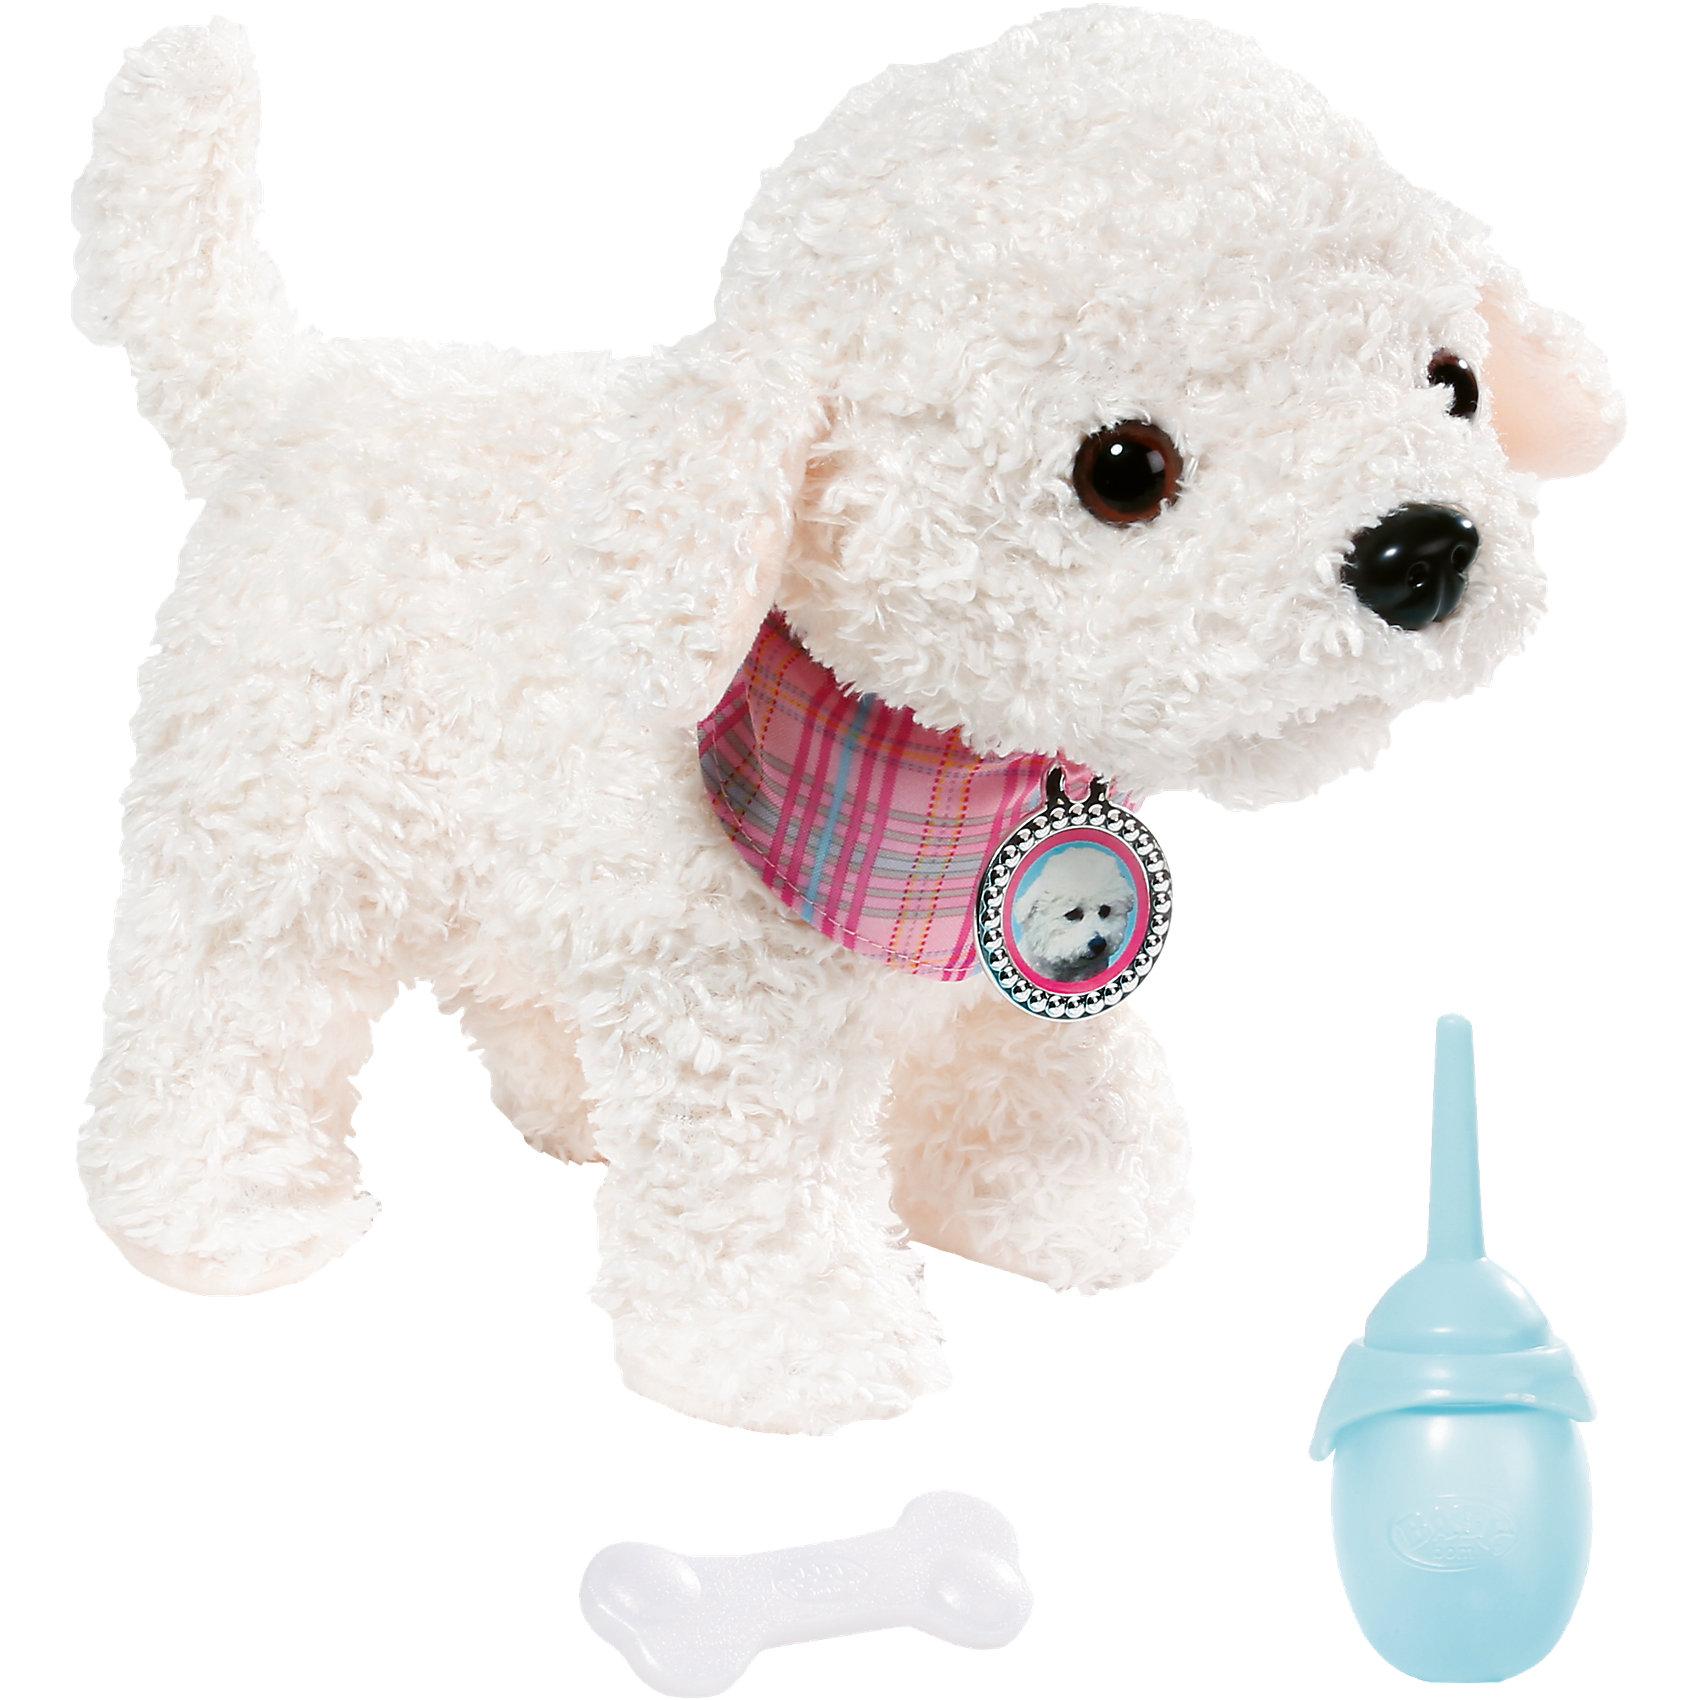 Собака Пудель, BABY bornИнтерактивные мягкие игрушки<br>Собака Пудель, BABY born <br><br>Характеристики:<br><br>• В набор входит: собака, косточка, бутылочка<br>• Состав: искусственный мех, пластик<br>• Элементы питания: батарейки, входят в комплект<br>• Размер упаковки: 25 * 23 * 24 см.<br>• Для детей в возрасте: от 3 лет<br>• Страна производитель: Китай<br><br>Белый пудель от создателей всемирно известных кукол BABY born (Бейби Бон) немецкого бренда Zapf Creation (Зап Криэйшен) станет отличным пополнением для любимой куклы и будет отличной отдельной игрушкой. С новым интерактивным пуделем ребёнок сможет продолжать свои игры, делая их ещё веселее. Когда этот щекастый белый пёсик с цветным ошейником закончит пить из своей бутылочки, он поднимет свою лапку чтобы пописать. Но этот пёсик с нежным плюшевым мехом не только пьёт воду, он также жуёт свою косточку, радостно причмокивая. <br><br>Собака Пудель, BABY born можно купить в нашем интернет-магазине.<br><br>Ширина мм: 230<br>Глубина мм: 250<br>Высота мм: 240<br>Вес г: 835<br>Возраст от месяцев: 36<br>Возраст до месяцев: 60<br>Пол: Женский<br>Возраст: Детский<br>SKU: 5478816